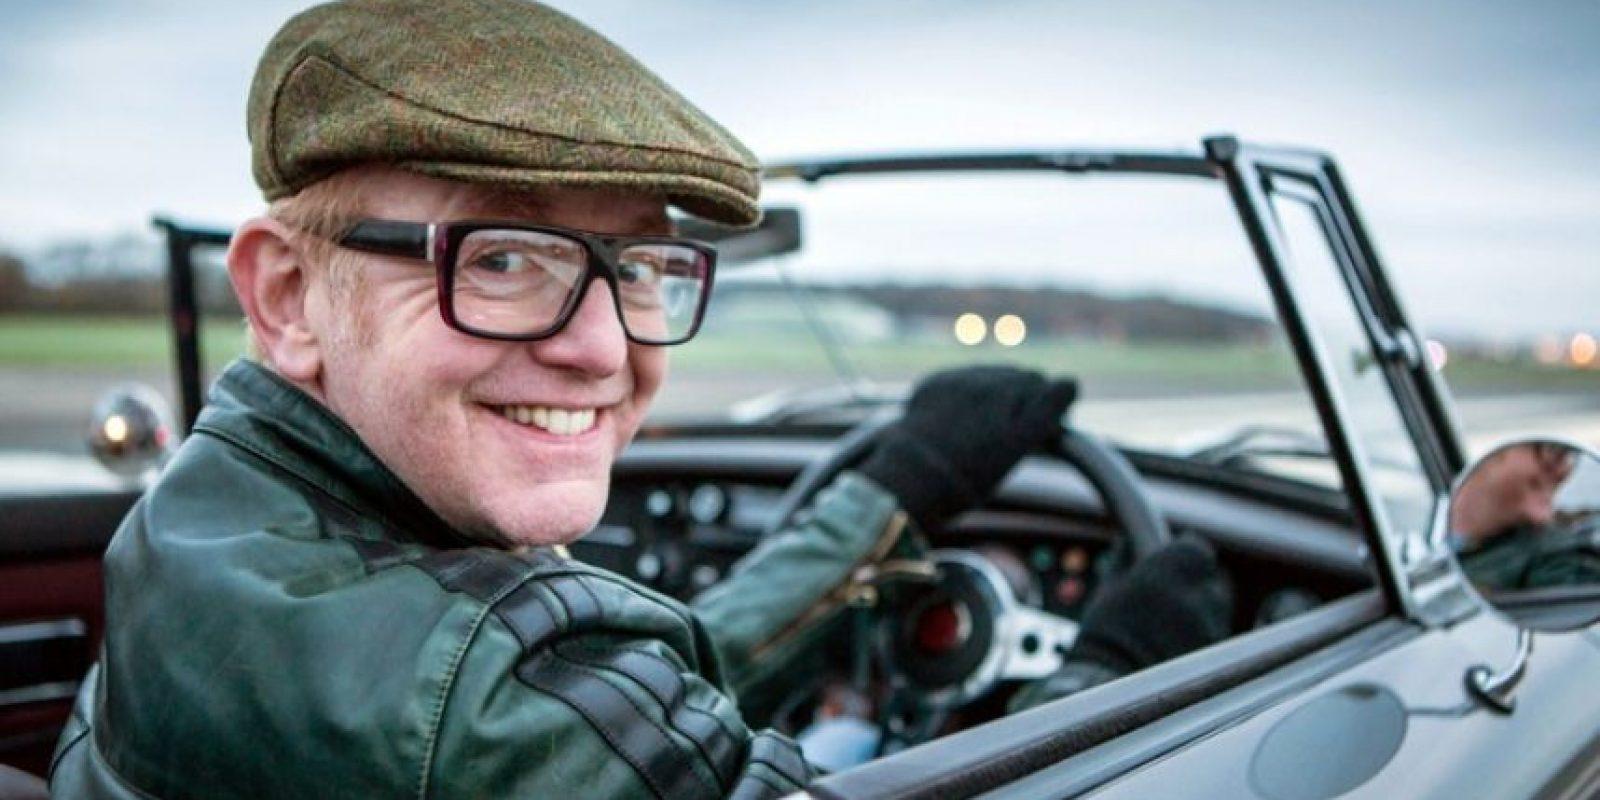 Llega el final de la temporada 23 Foto:Cortesía BBC Entertainment